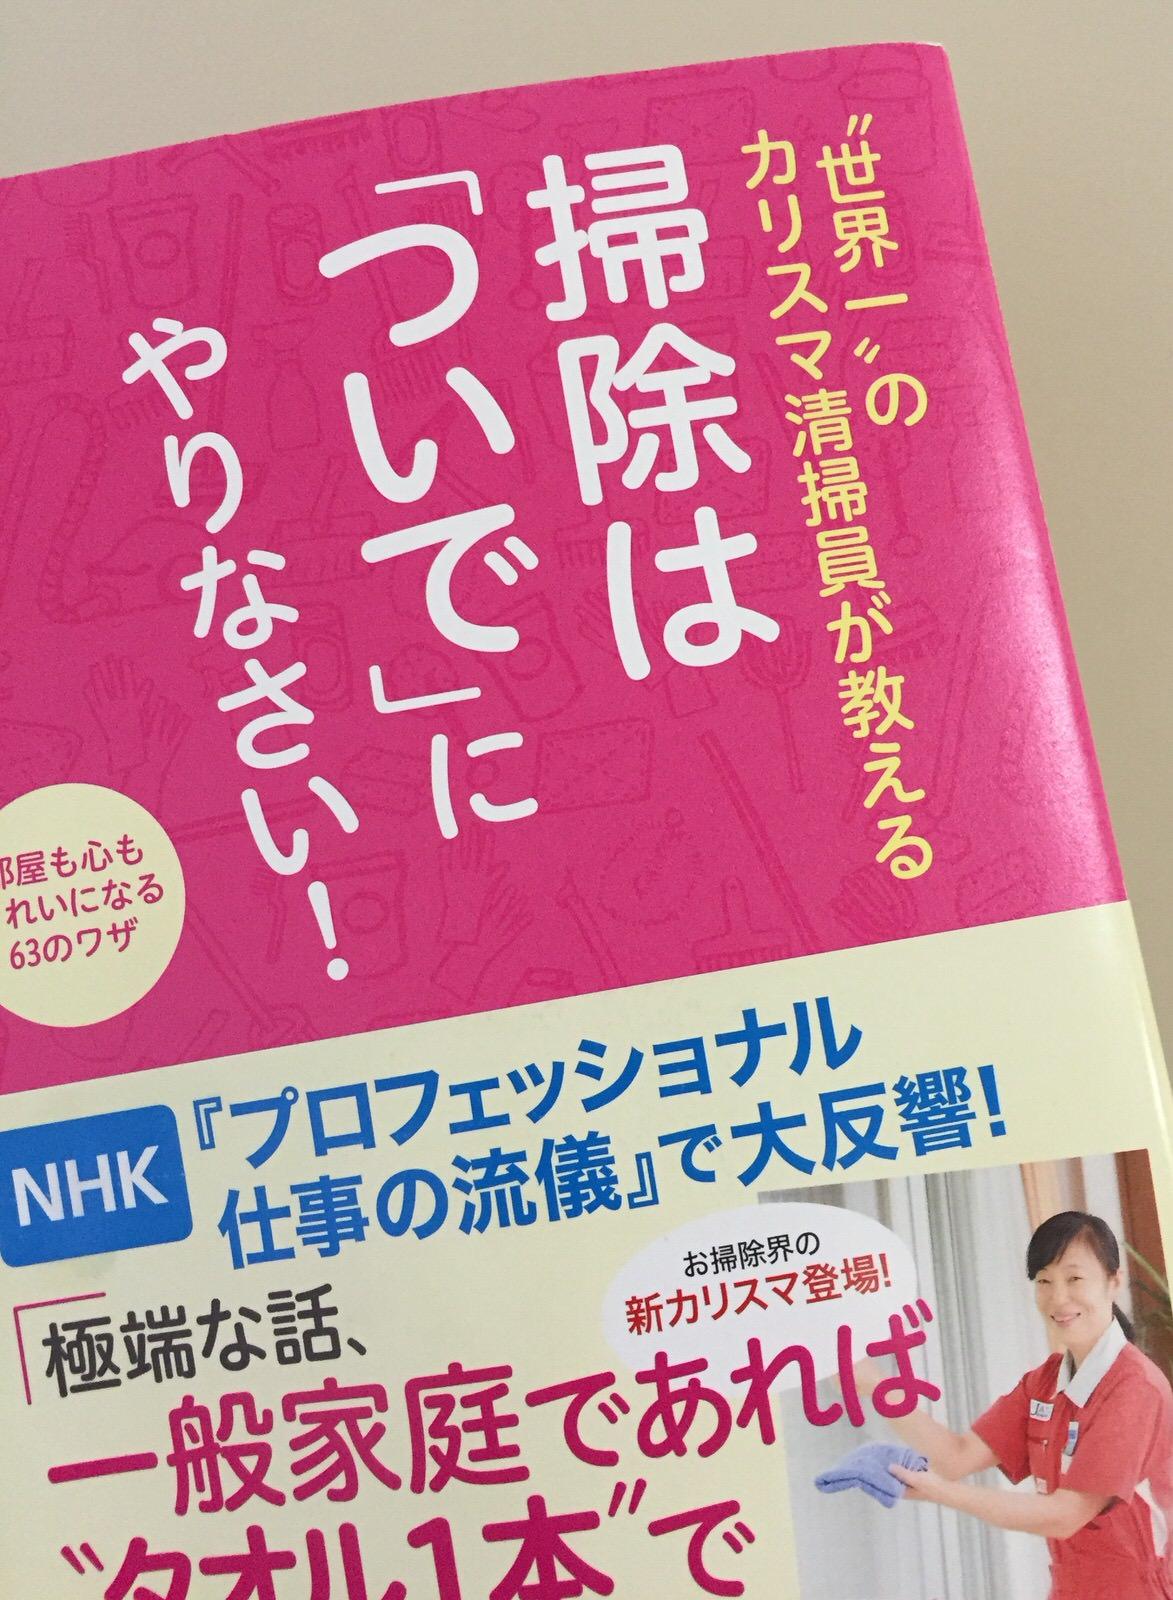 【書評】『掃除は「ついで」にやりなさい!』(著:新津春子さん)世界一のカリスマ清掃員に学ぶ掃除のコツ